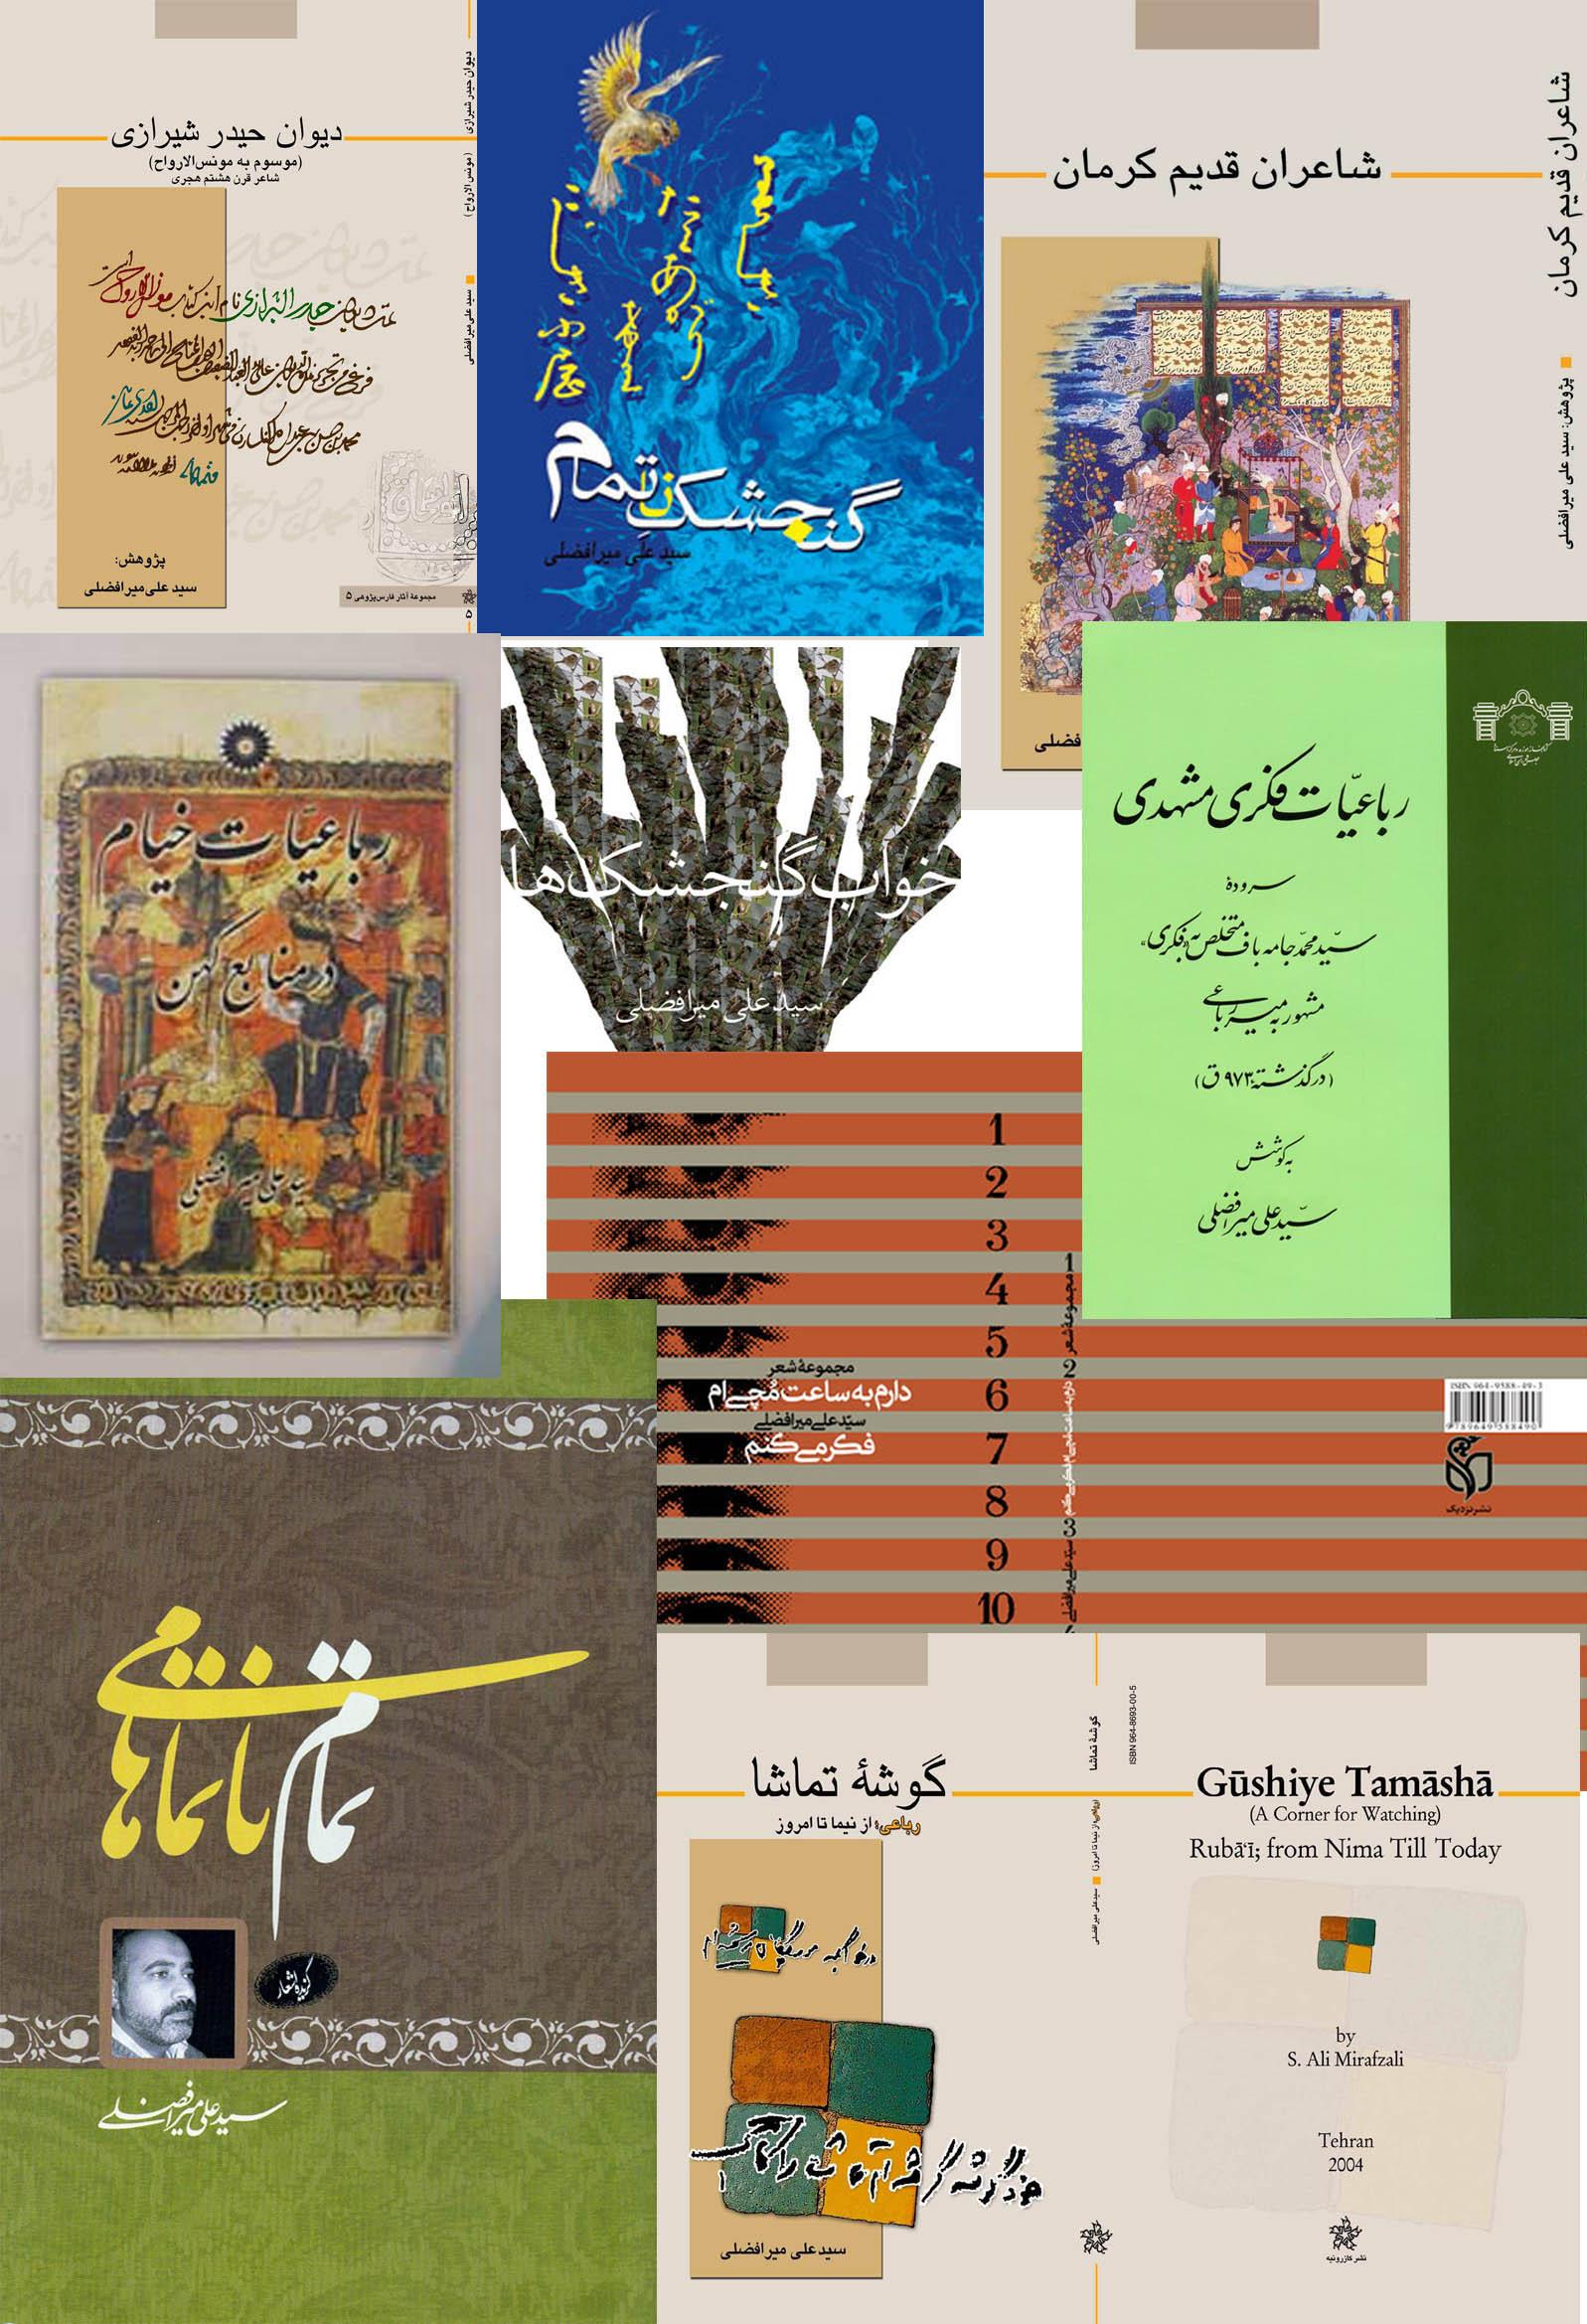 تصویر آثار سید علی میرافضلی